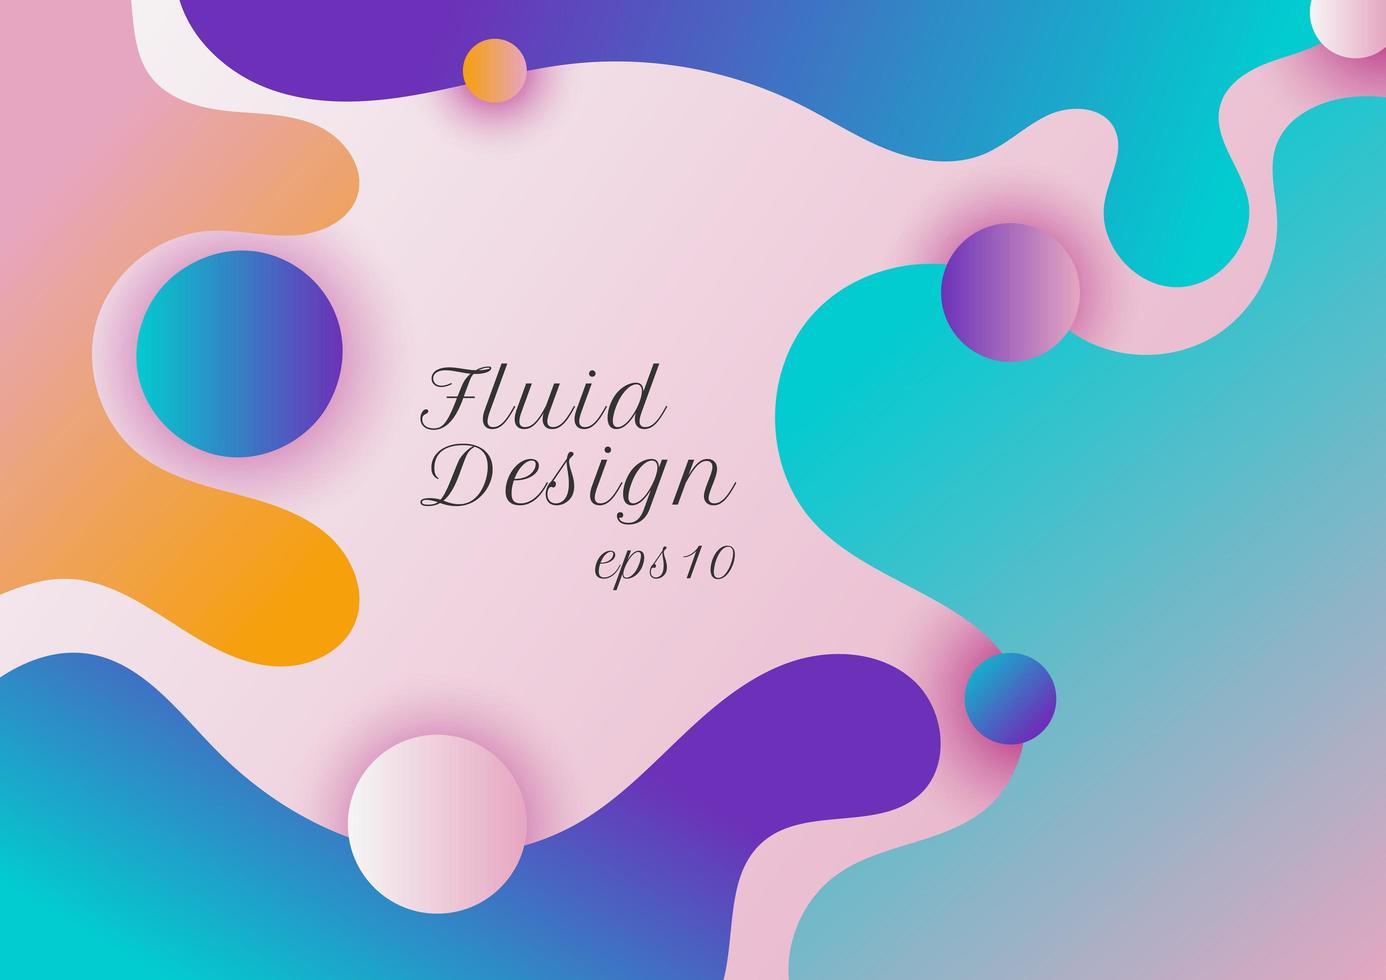 abstrato moderno fluido ou líquido forma gradiente de cor de fundo vetor